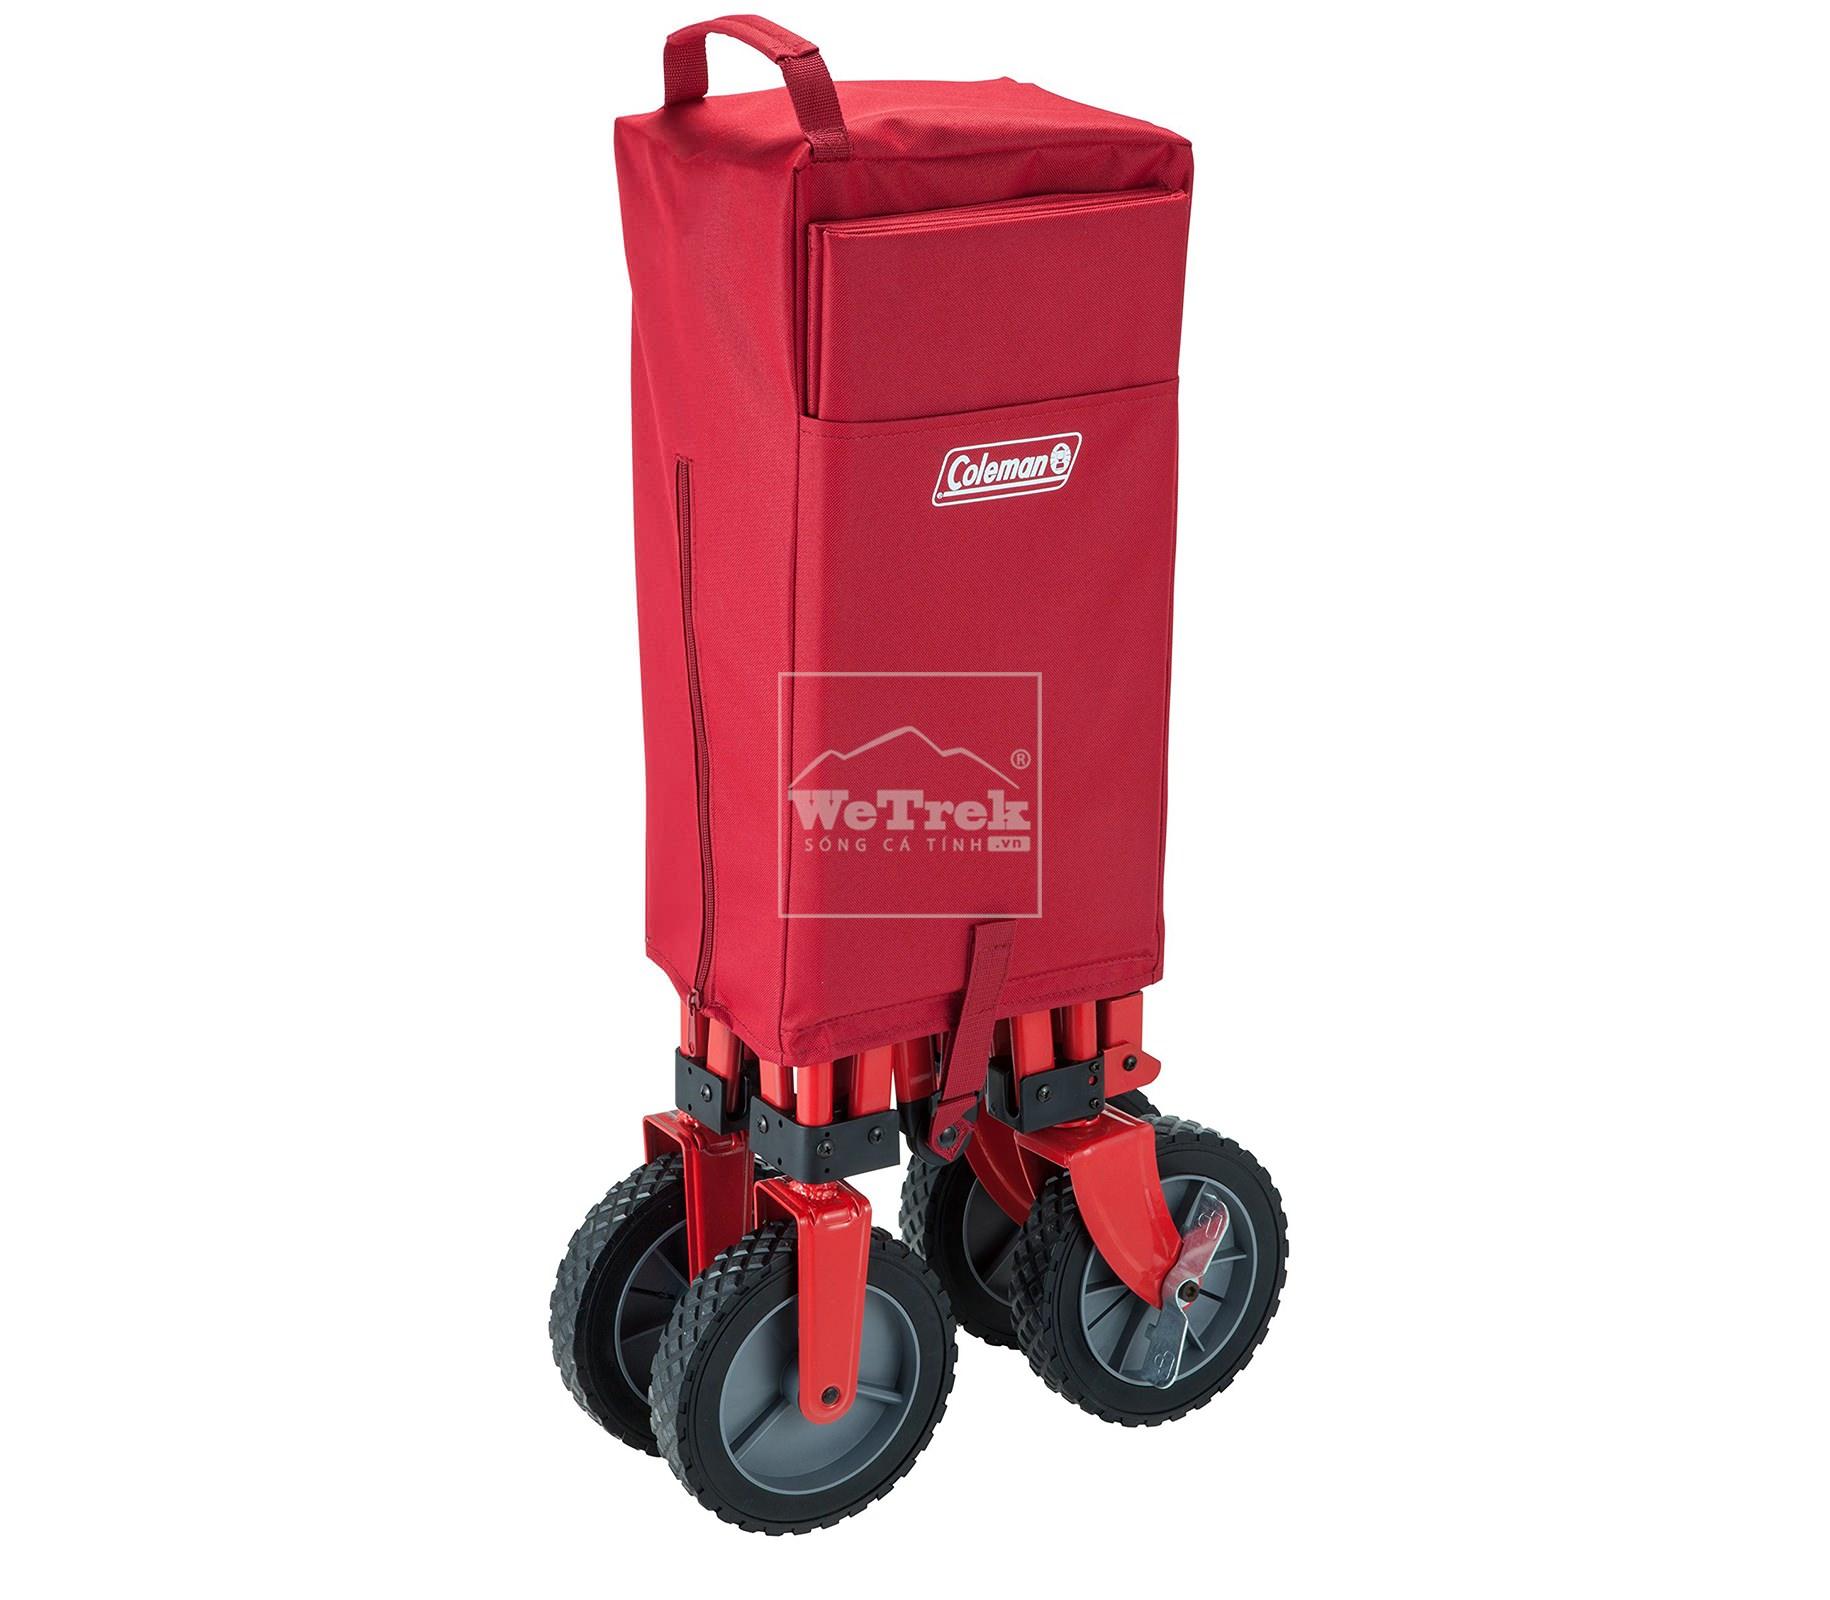 xe-keo-coleman-outdoor-wagon-2000021989-red-7469-wetrek.vn-3